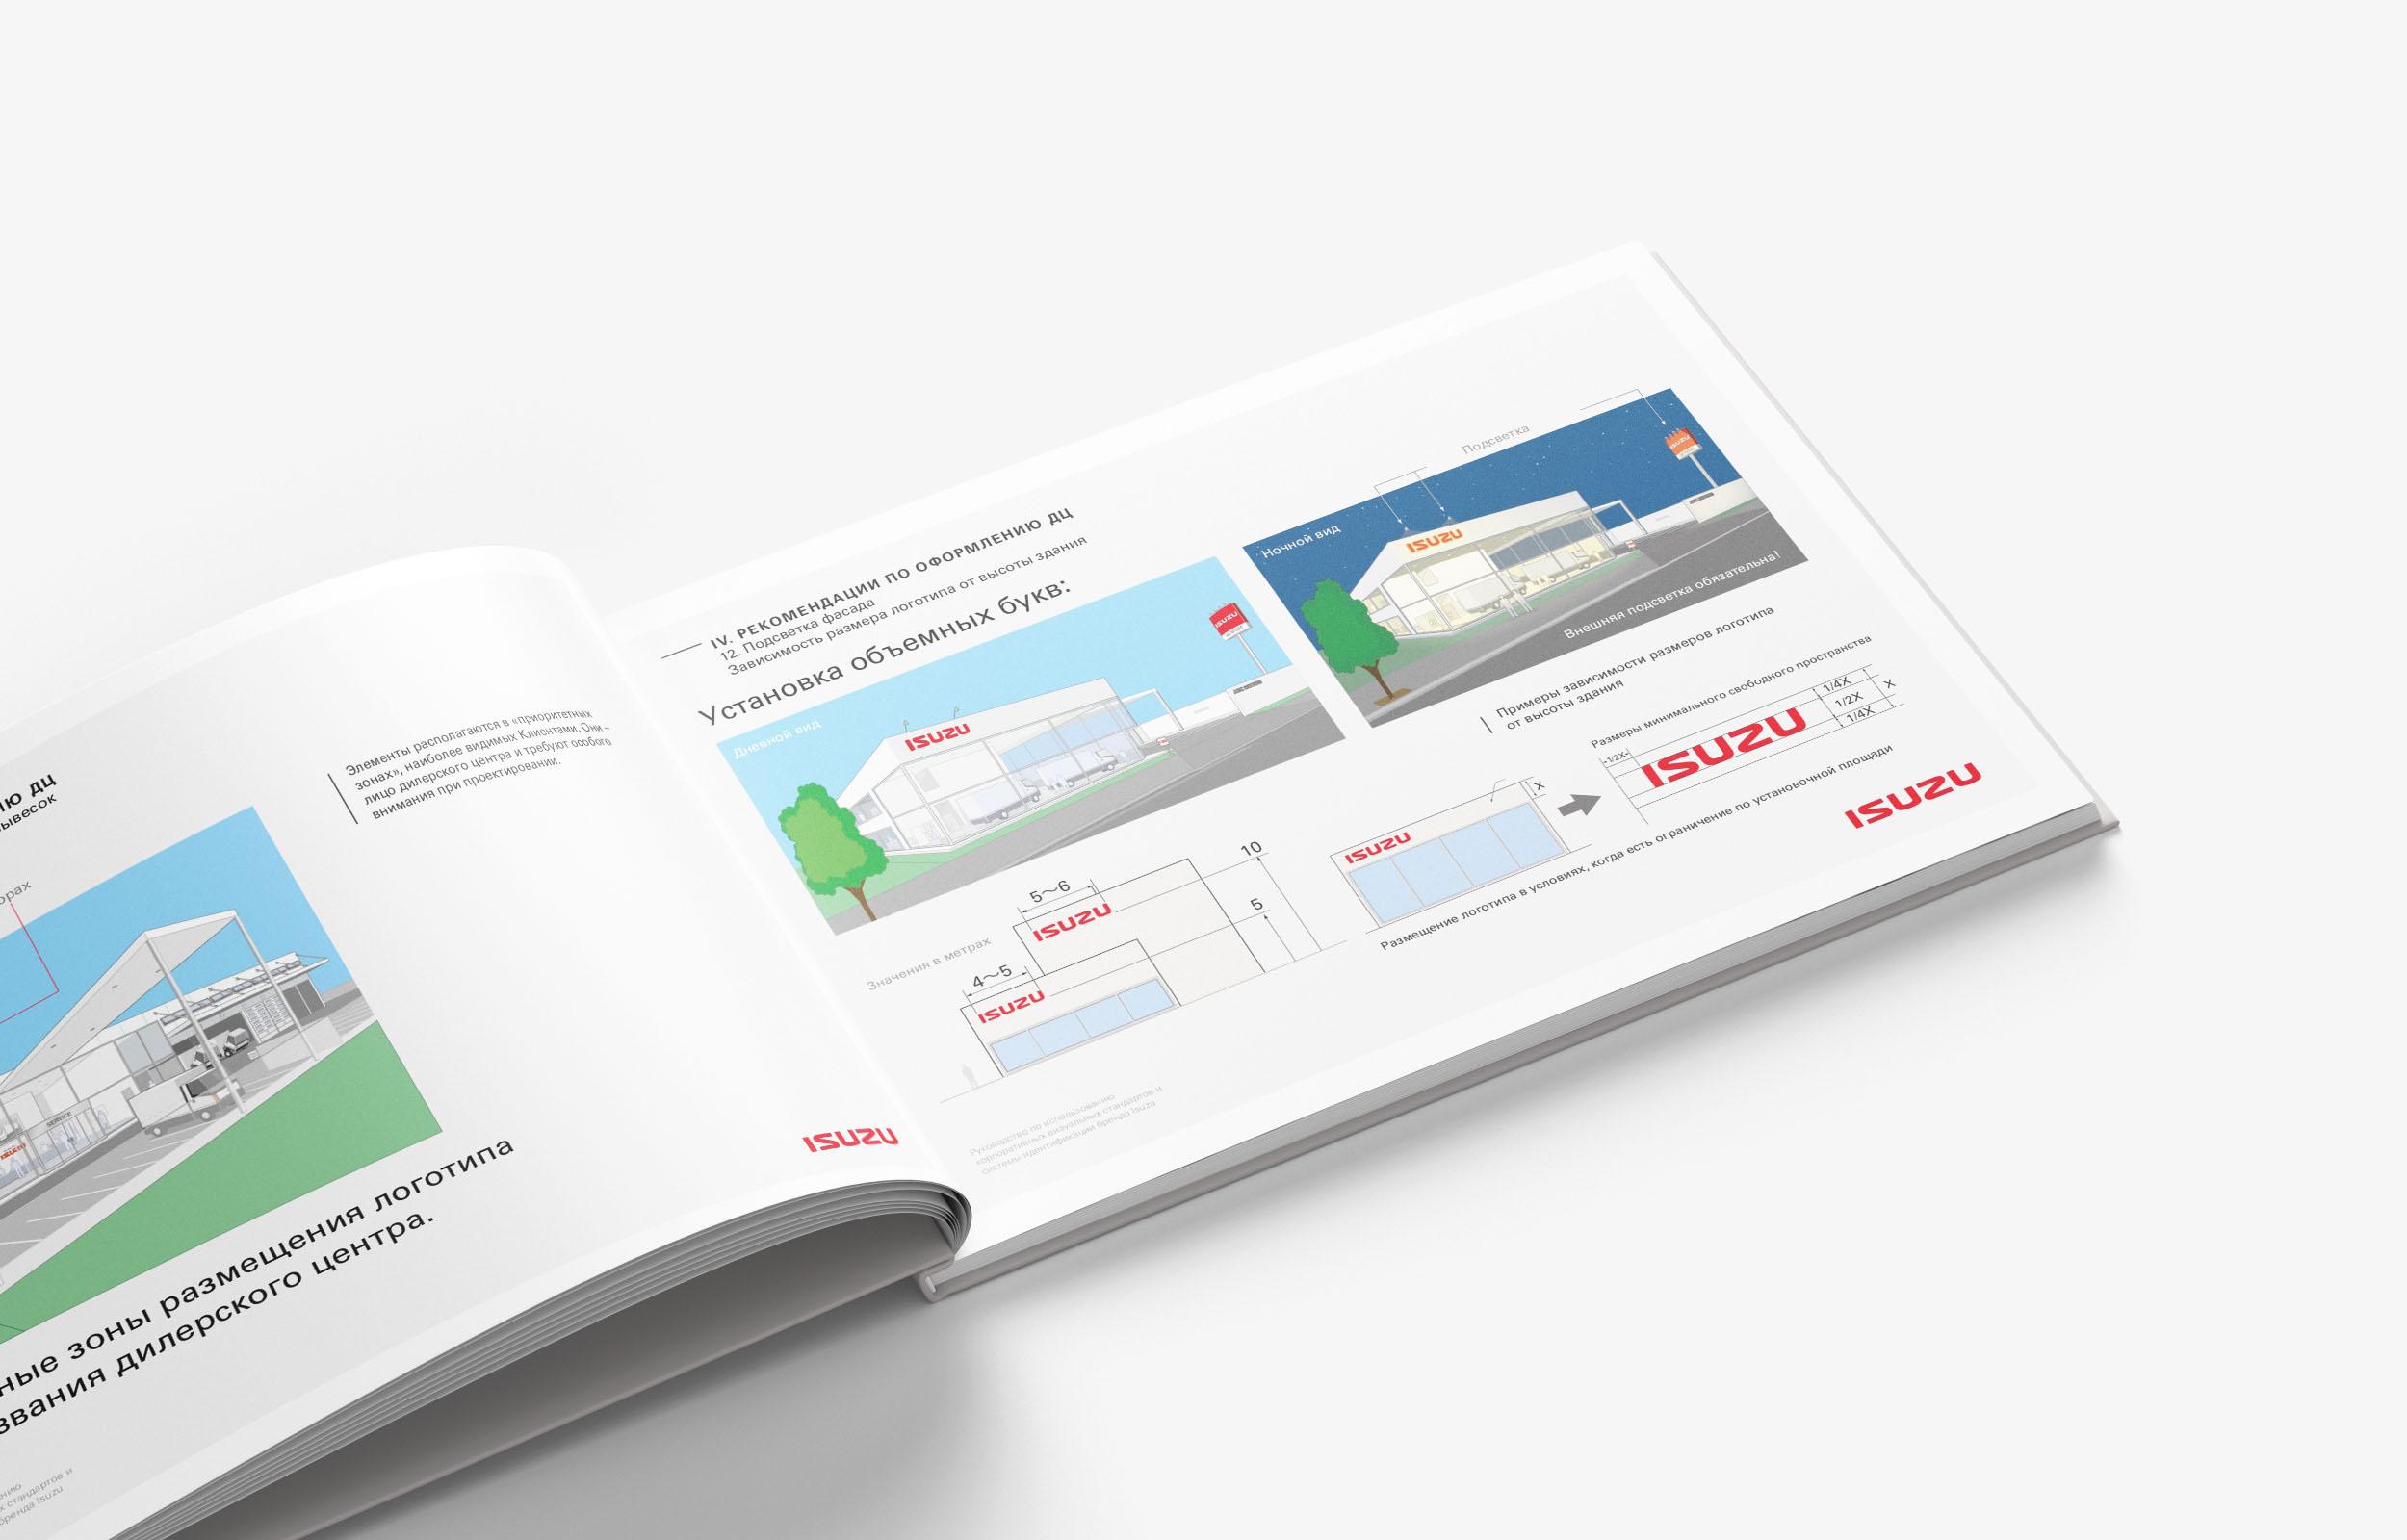 Редизайн брендбука ISUZU (A4, Ai, PDF, 40 стр.)